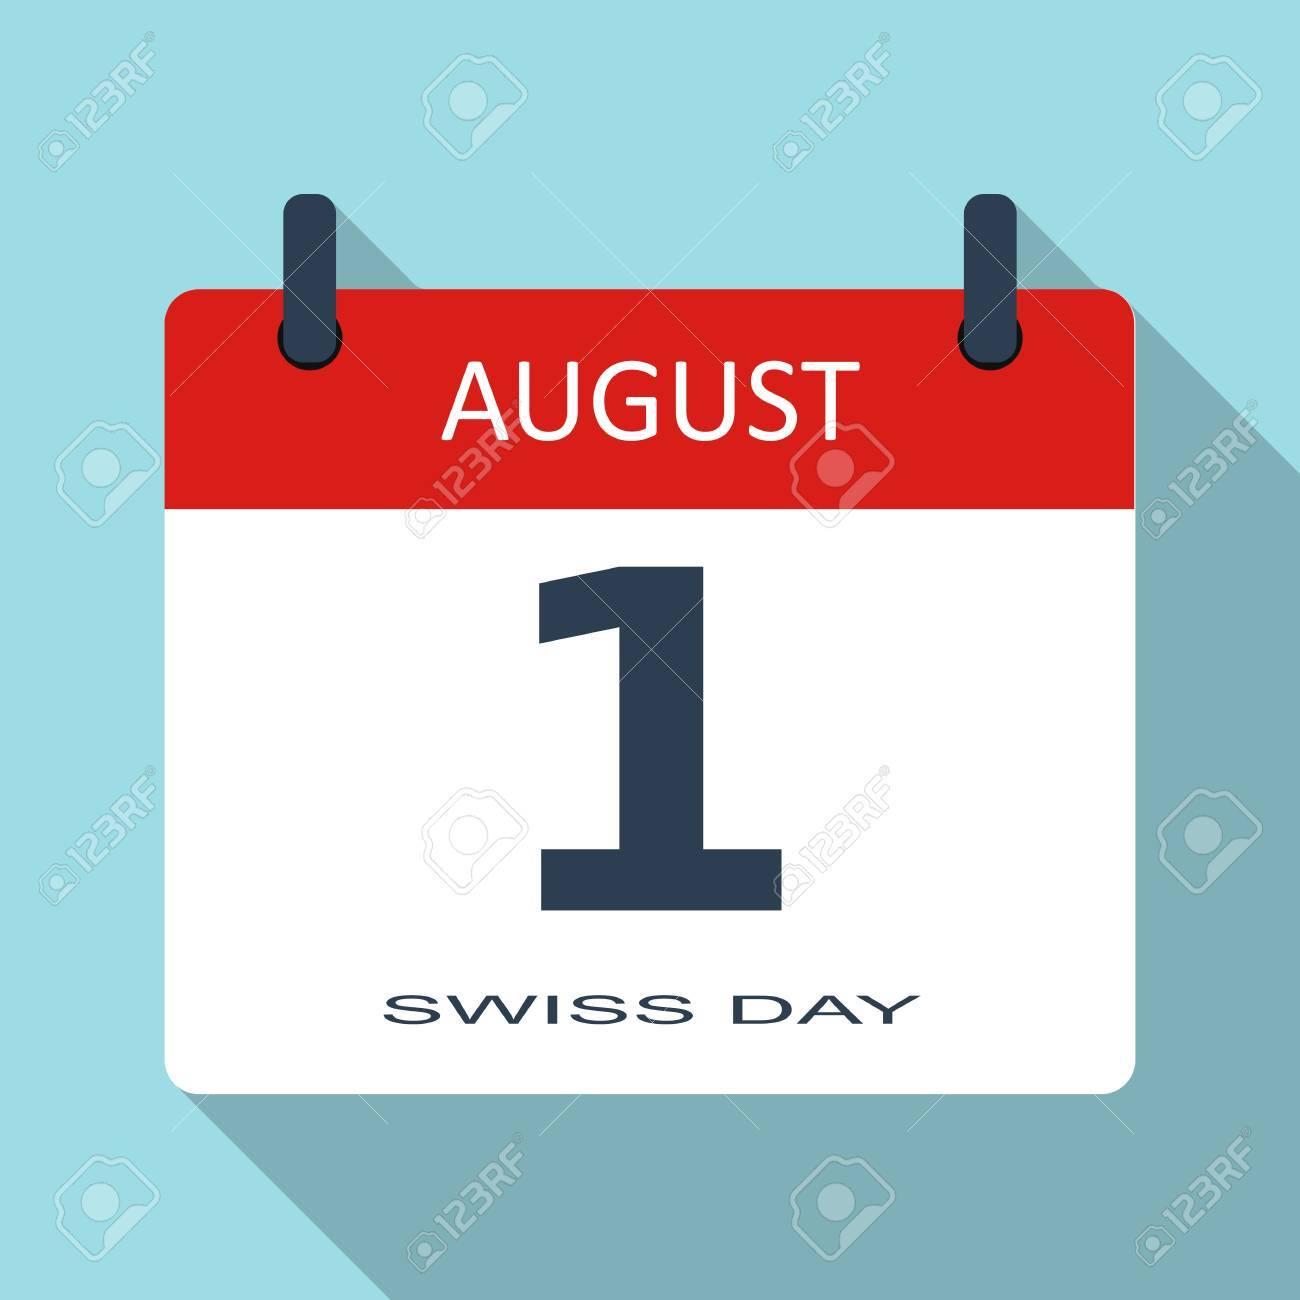 Calendario Diario.1 De Agosto Dia Suiza Vector Plana Icono De Calendario Diario Fecha Y Hora El Mes Fiesta Plantilla Moderna Simple Senal Para El Sitio Web Y La